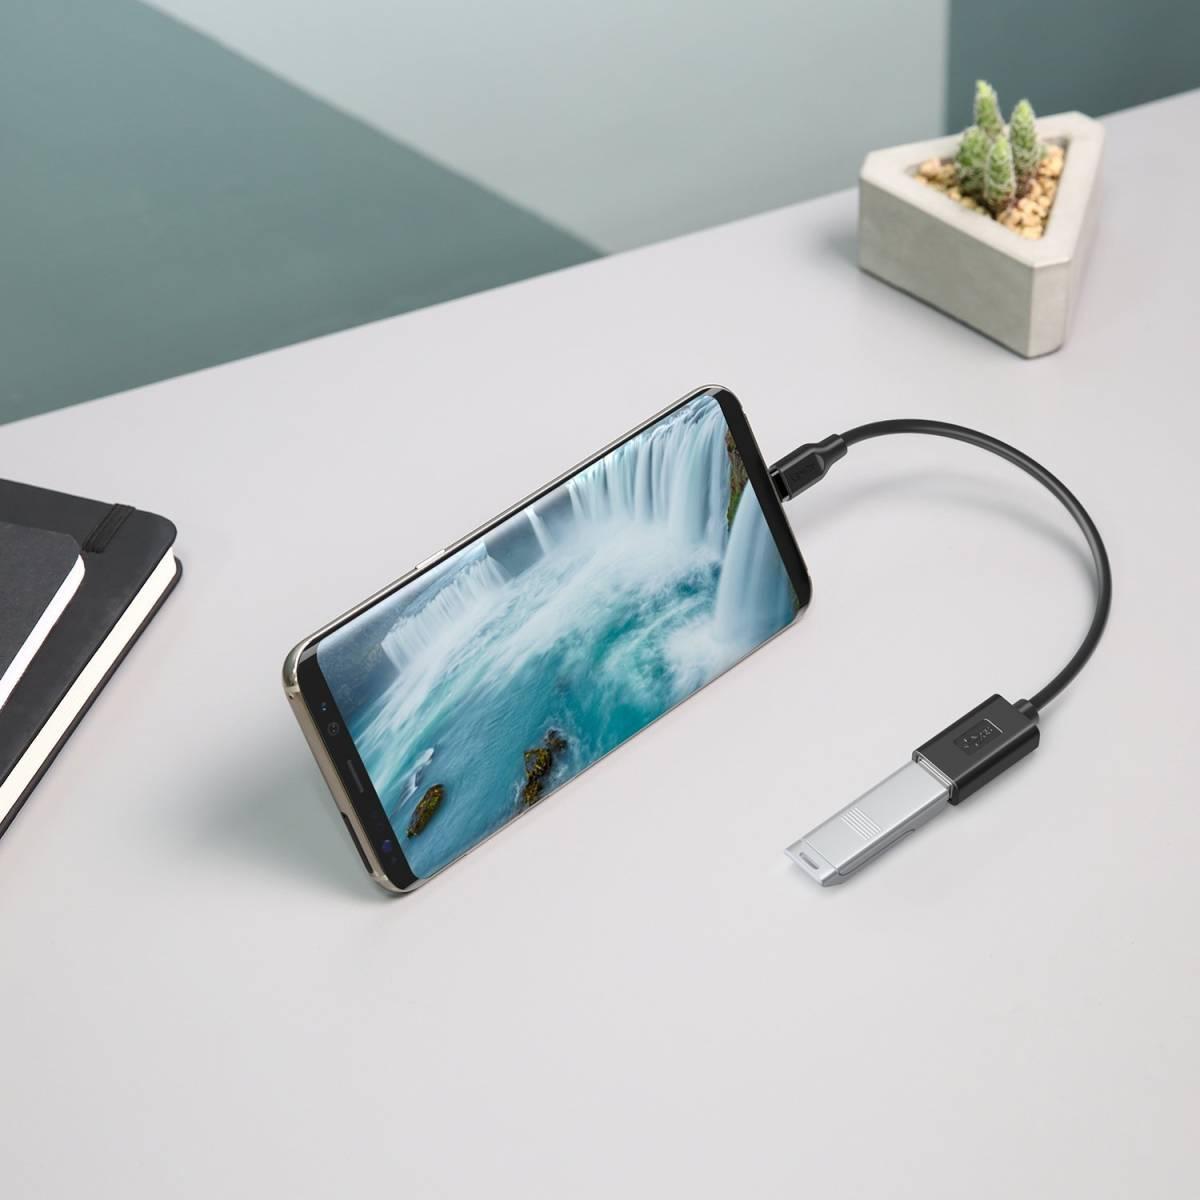 ★未使用★ 2個 セット USB C 変換コネクタ Type C to USB 3.0 OTGケーブル MacBook Galaxy Note etc★ 268720-229_画像4